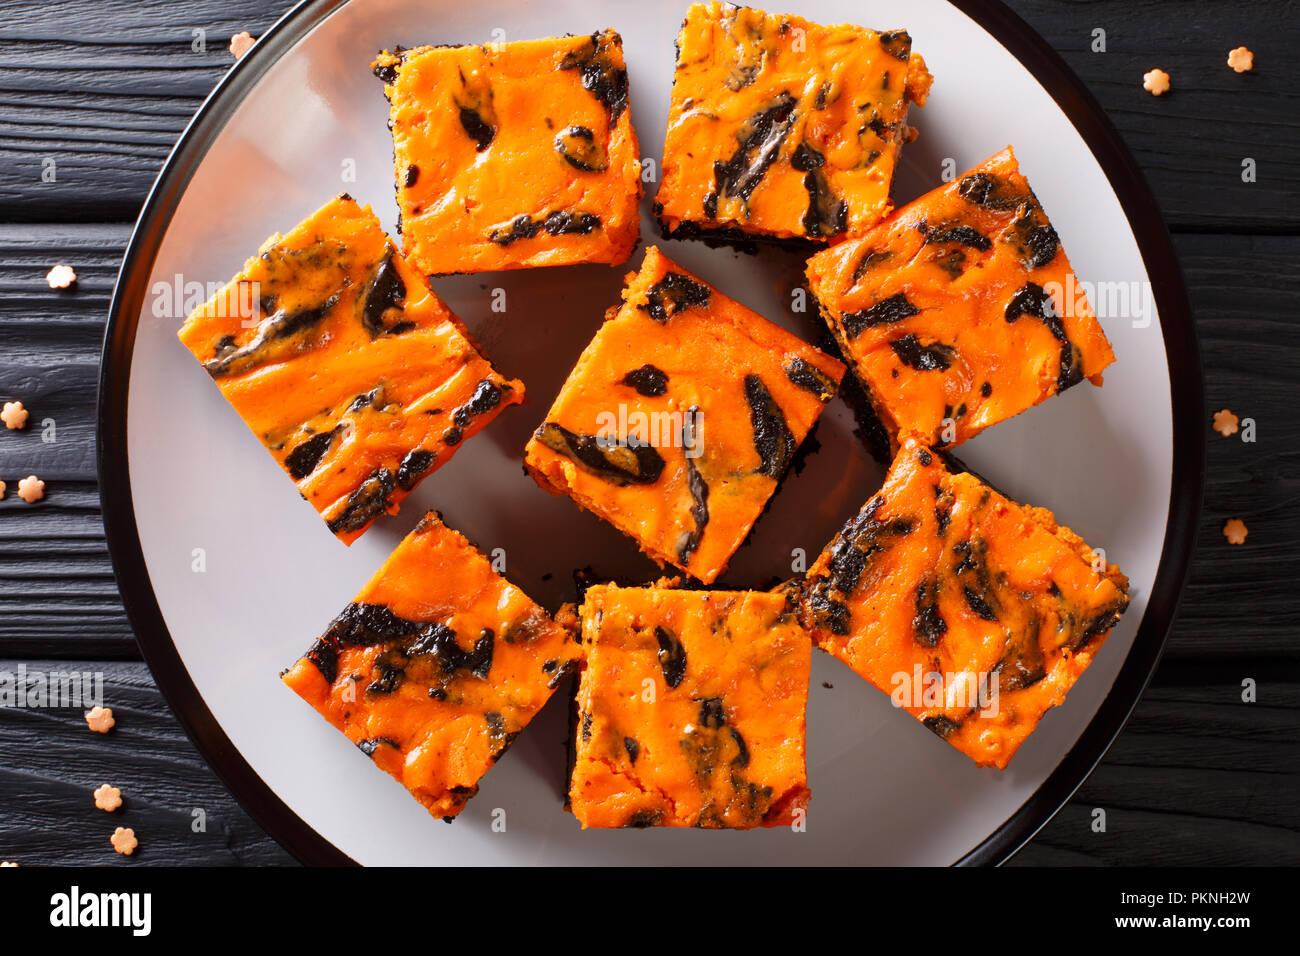 Festliche Halloween köstliche süße Dunkle brownie Kuchen mit orange Kürbis Creme in der Nähe eingerichtet - bis auf einen Teller. Horizontal oben Ansicht von oben Stockbild